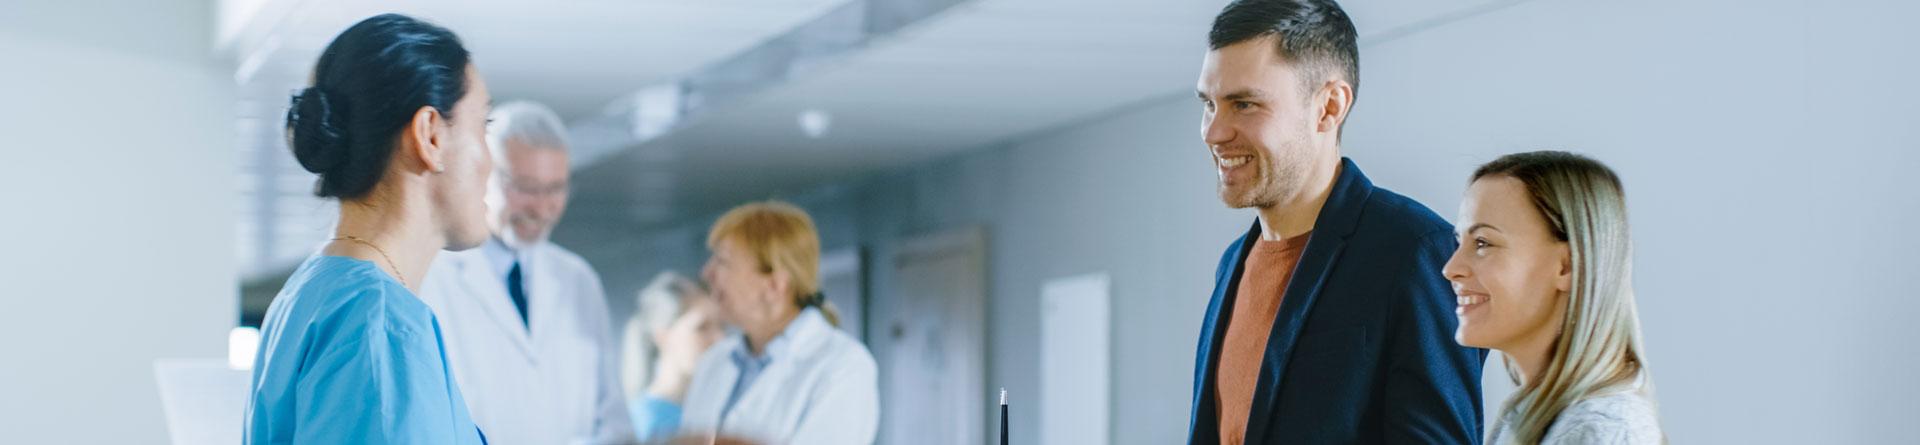 Chequeos Medicina Preventiva